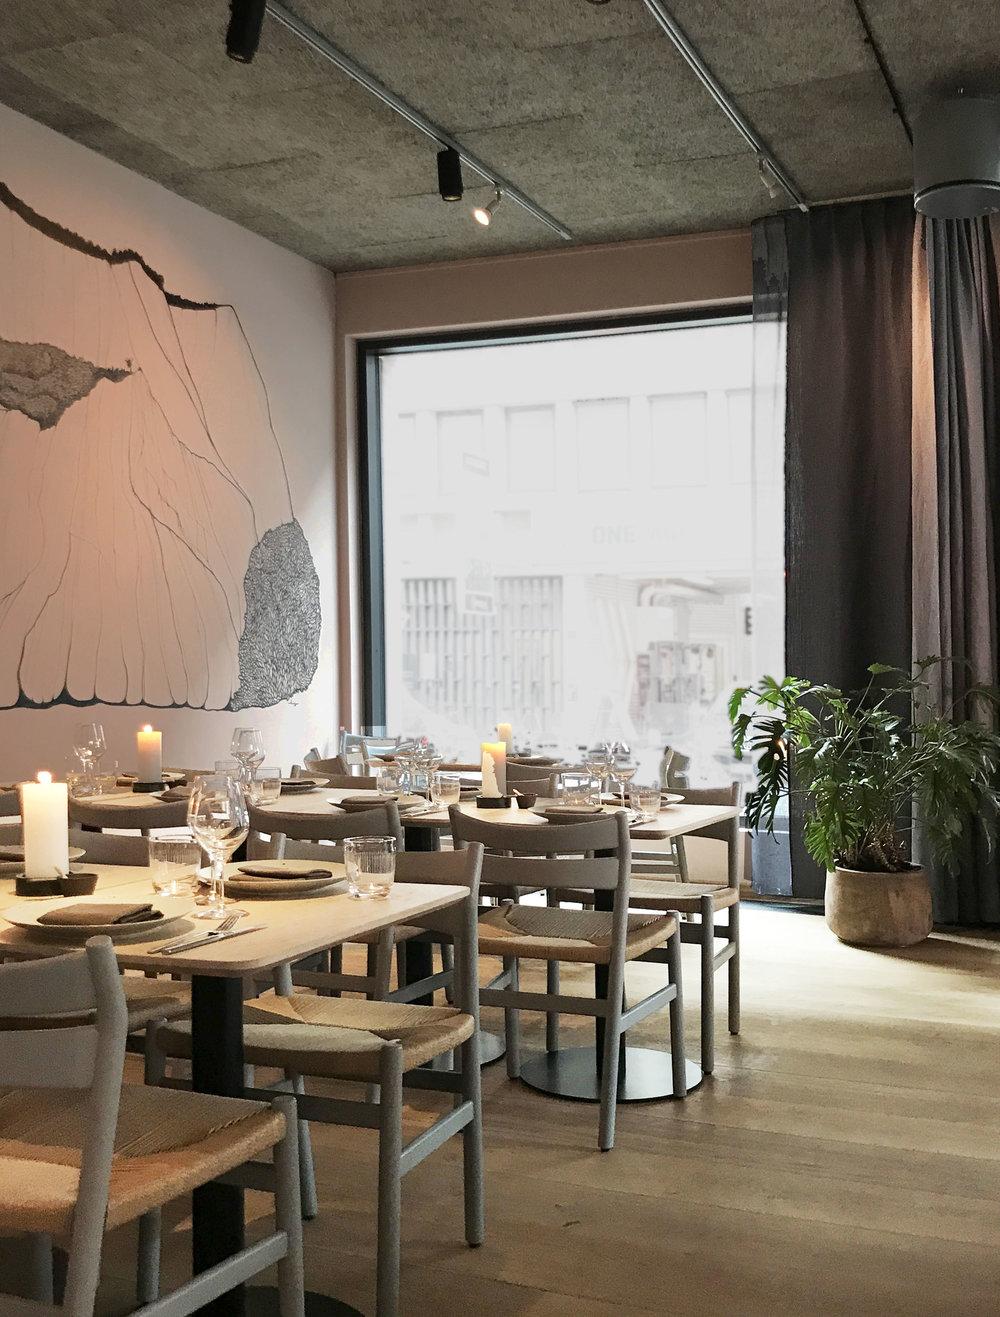 Restaurant Glød Copenhagen, danish design chairs and interior